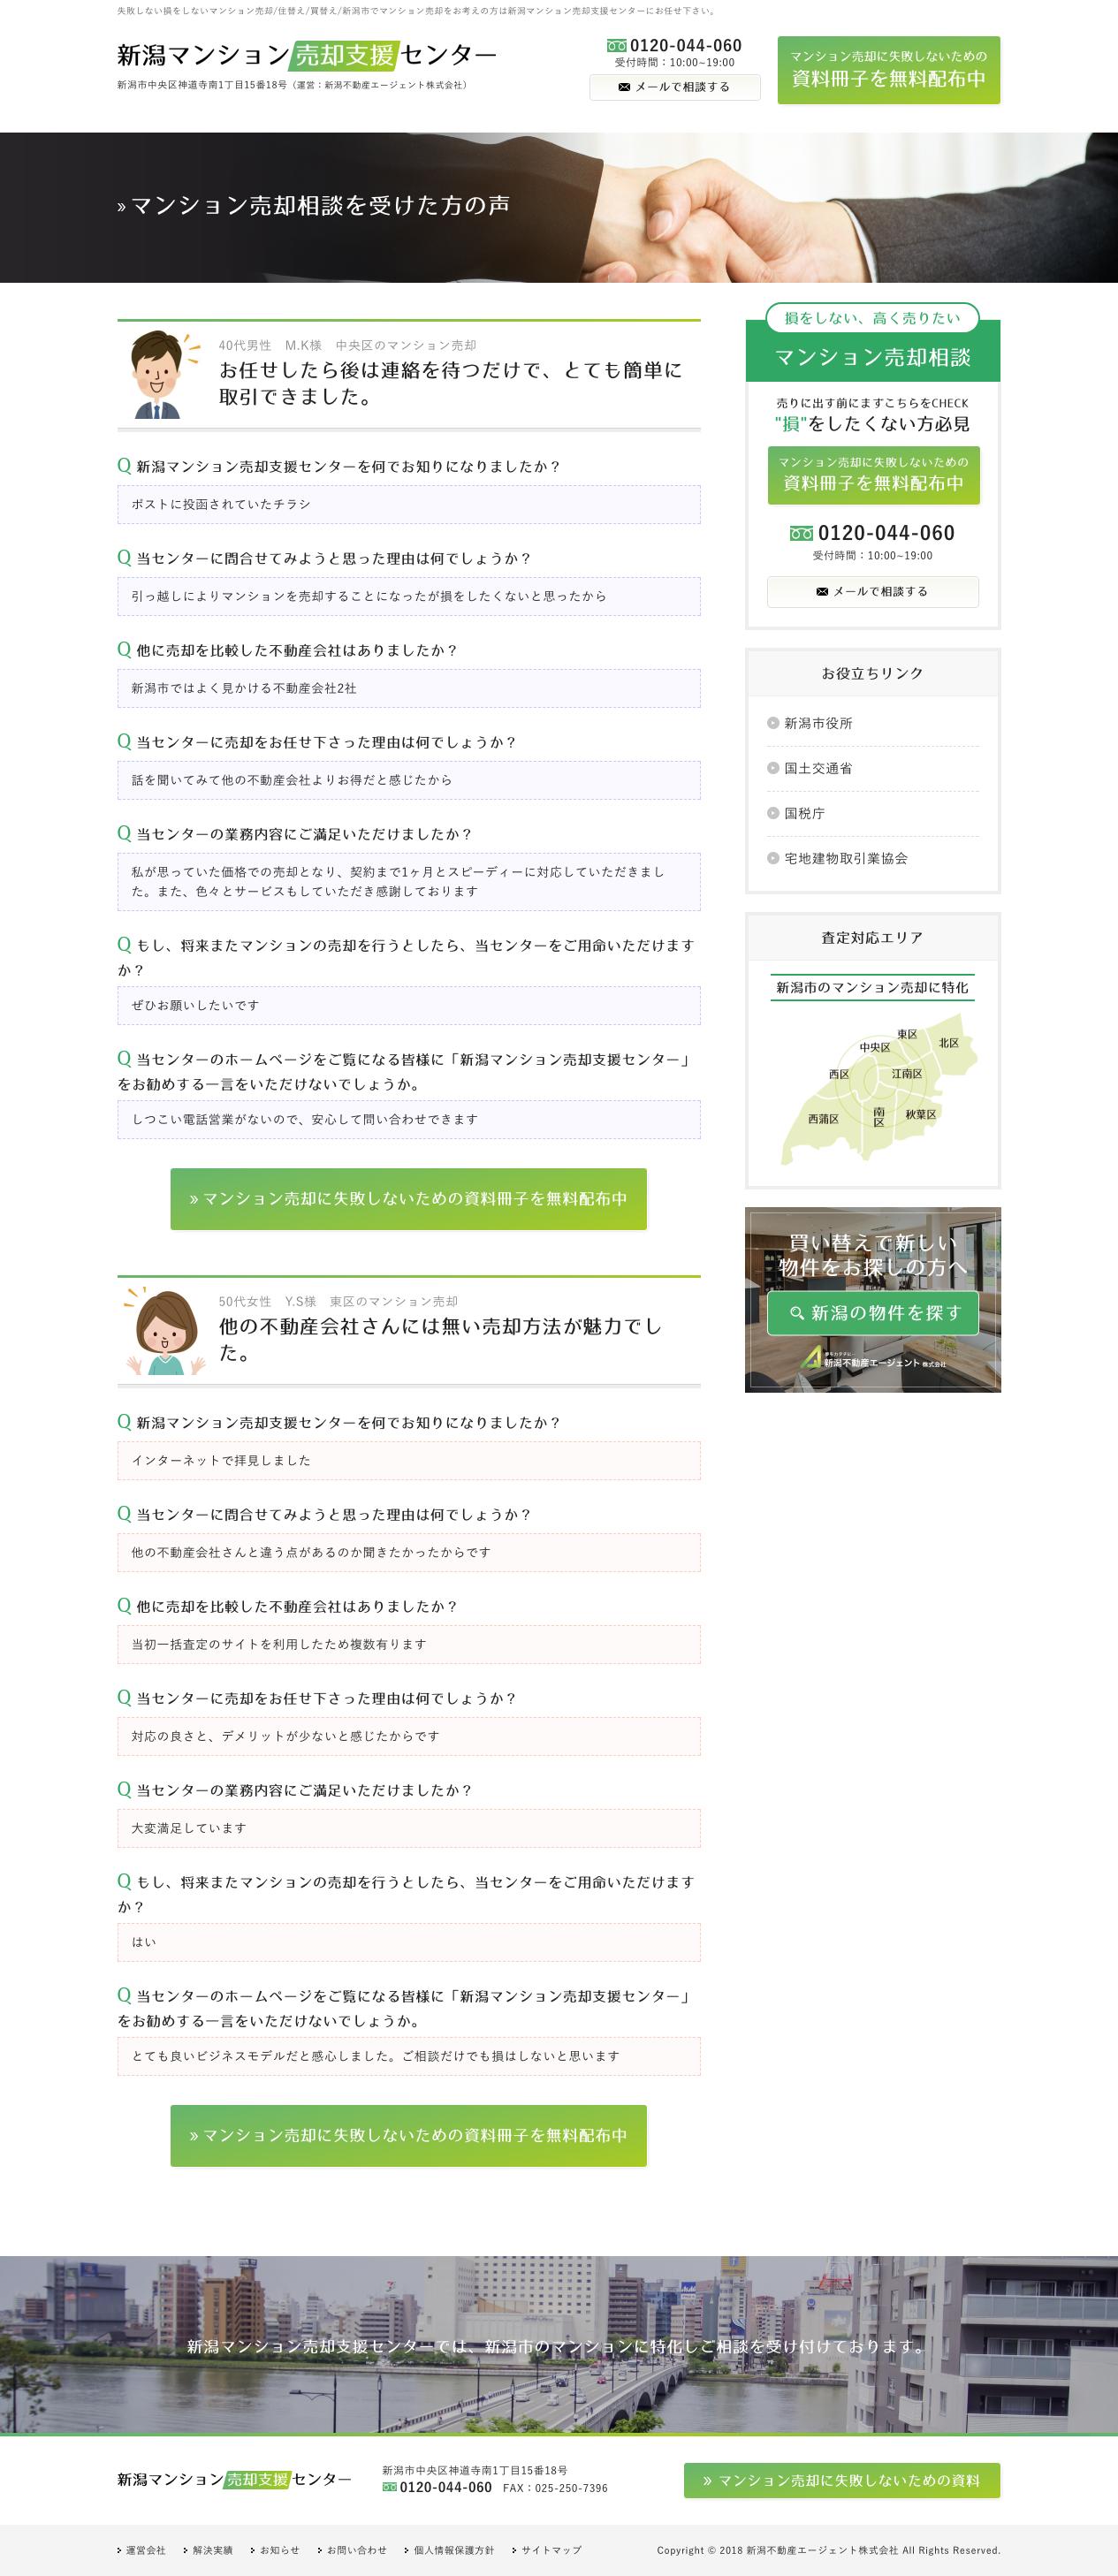 新潟マンション売却支援センター 様のホームページ画像